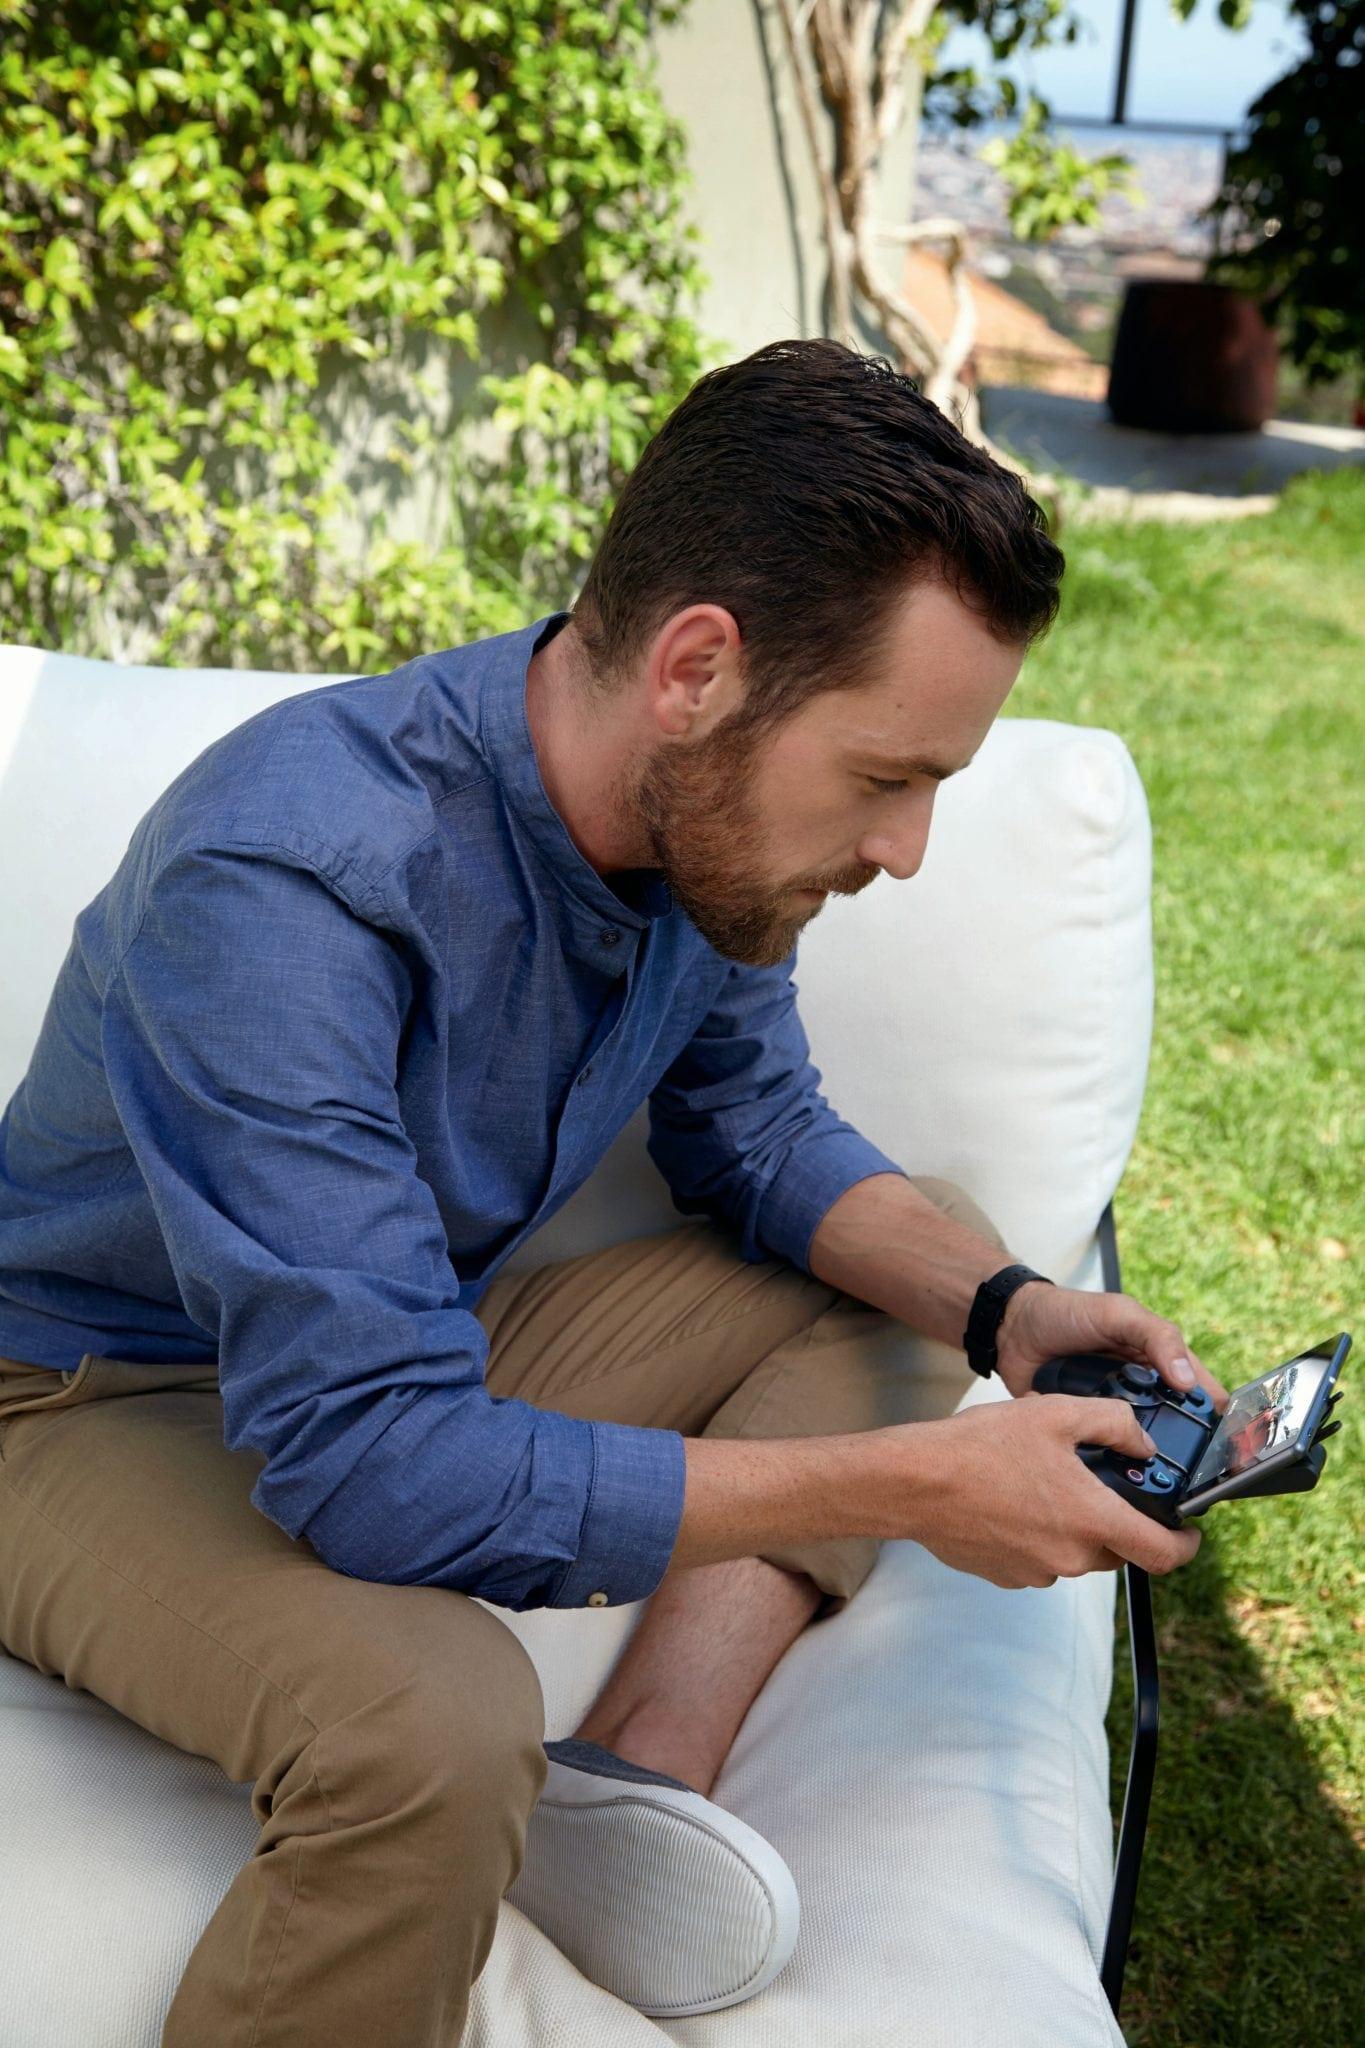 Nu e o păcăleală: Digi Mobil anunță că roamingul de date mobile în rețeaua Vodafone va fi contra cost începând cu data de 1 aprilie